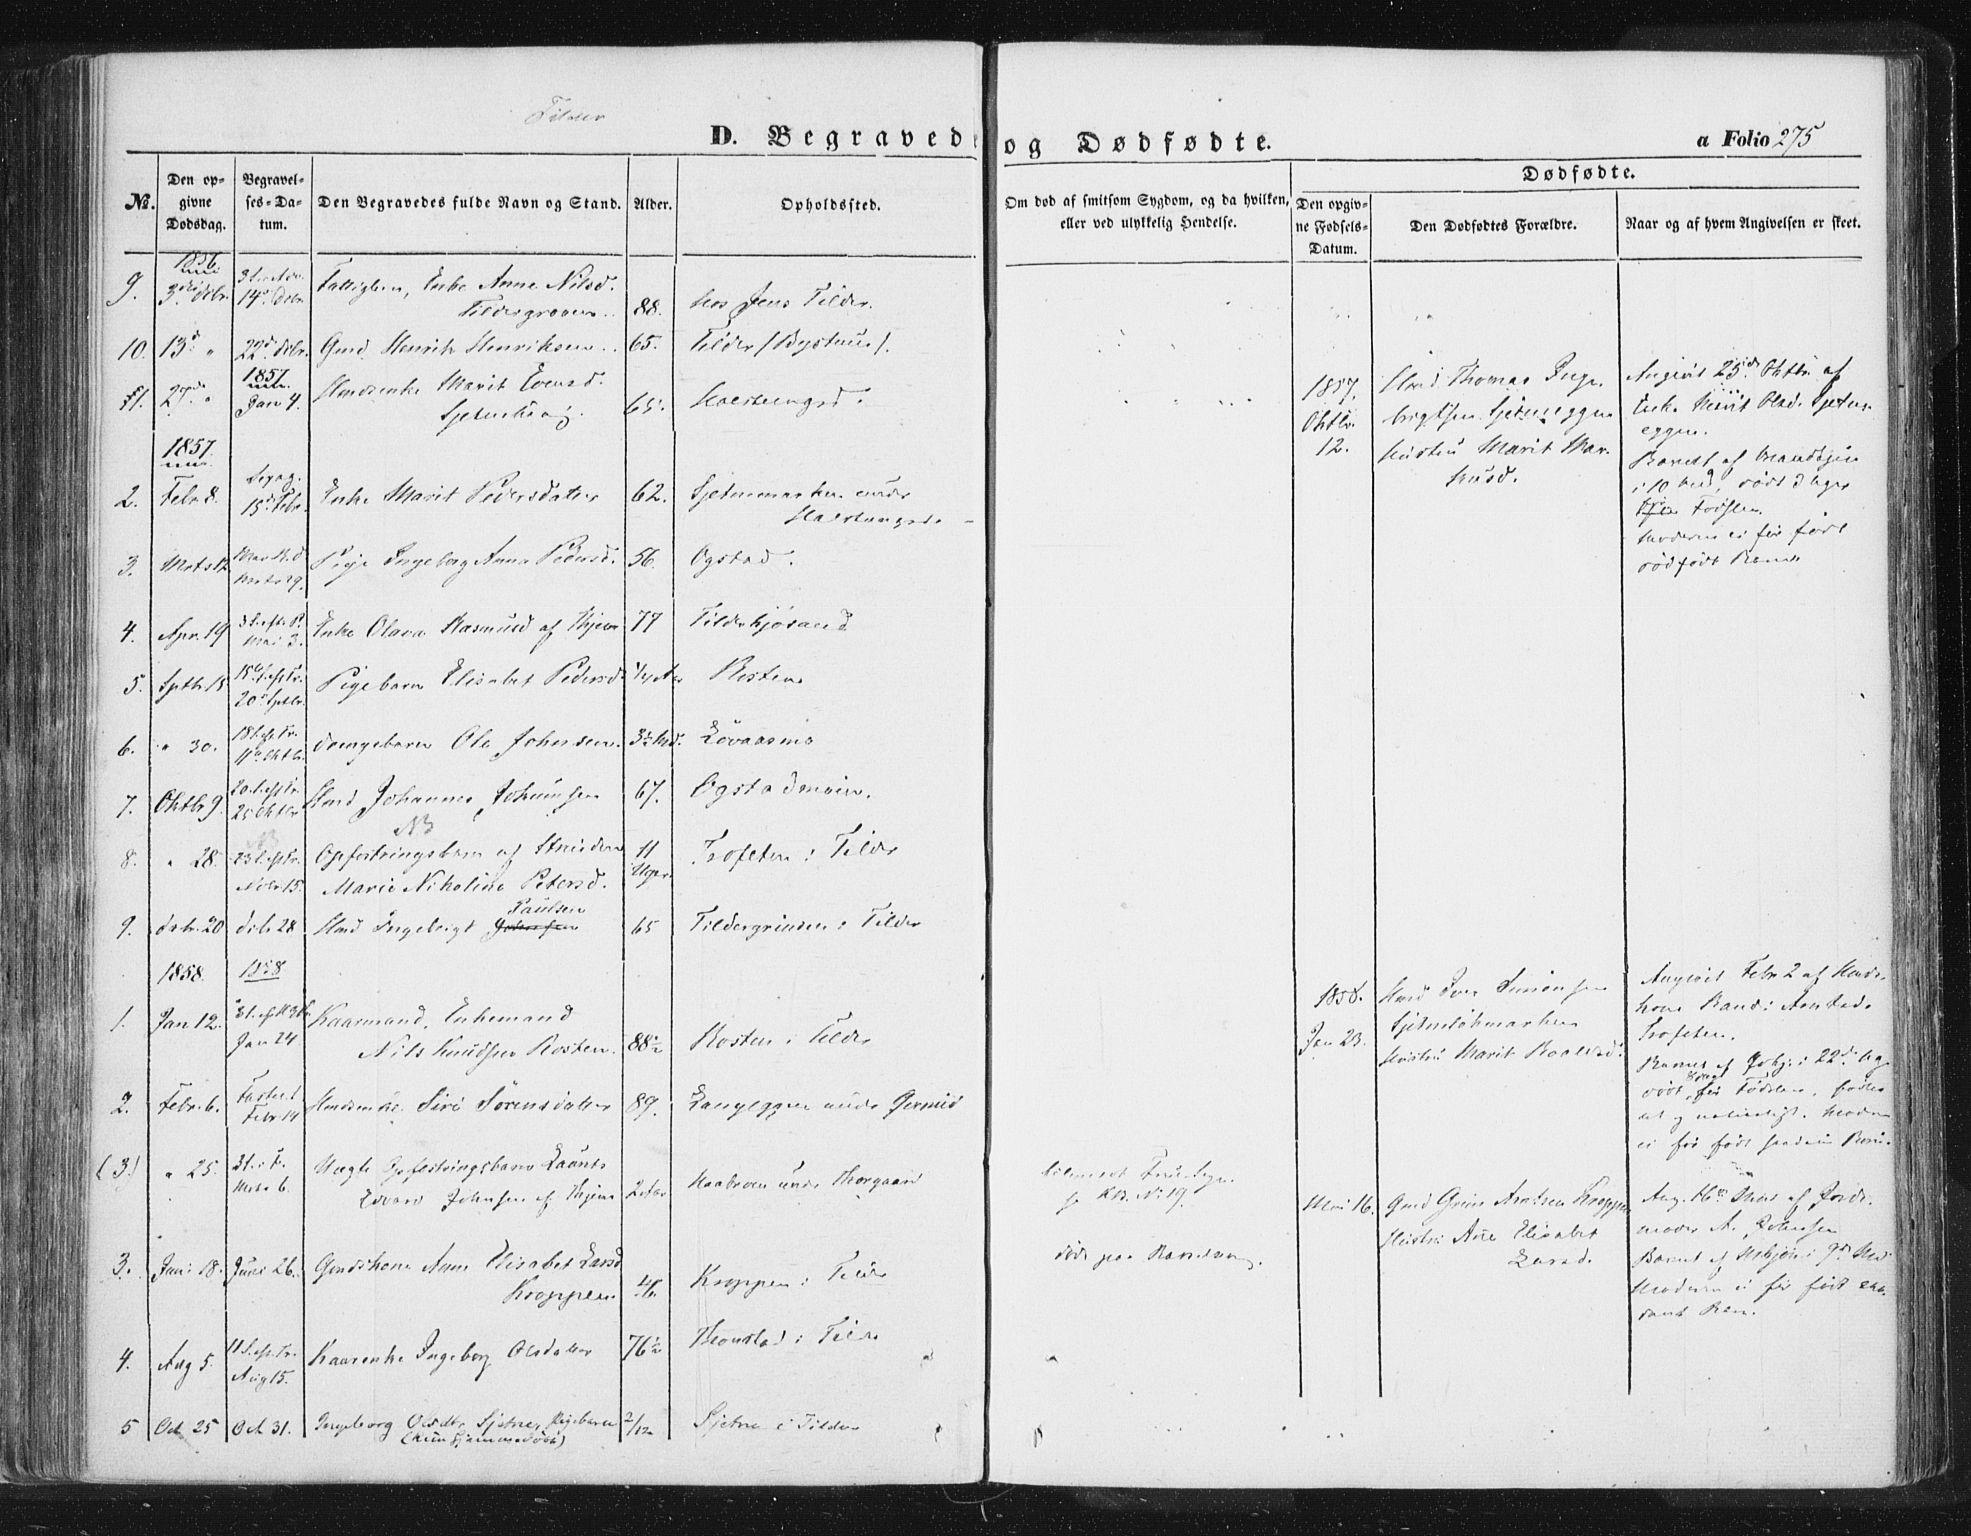 SAT, Ministerialprotokoller, klokkerbøker og fødselsregistre - Sør-Trøndelag, 618/L0441: Ministerialbok nr. 618A05, 1843-1862, s. 275